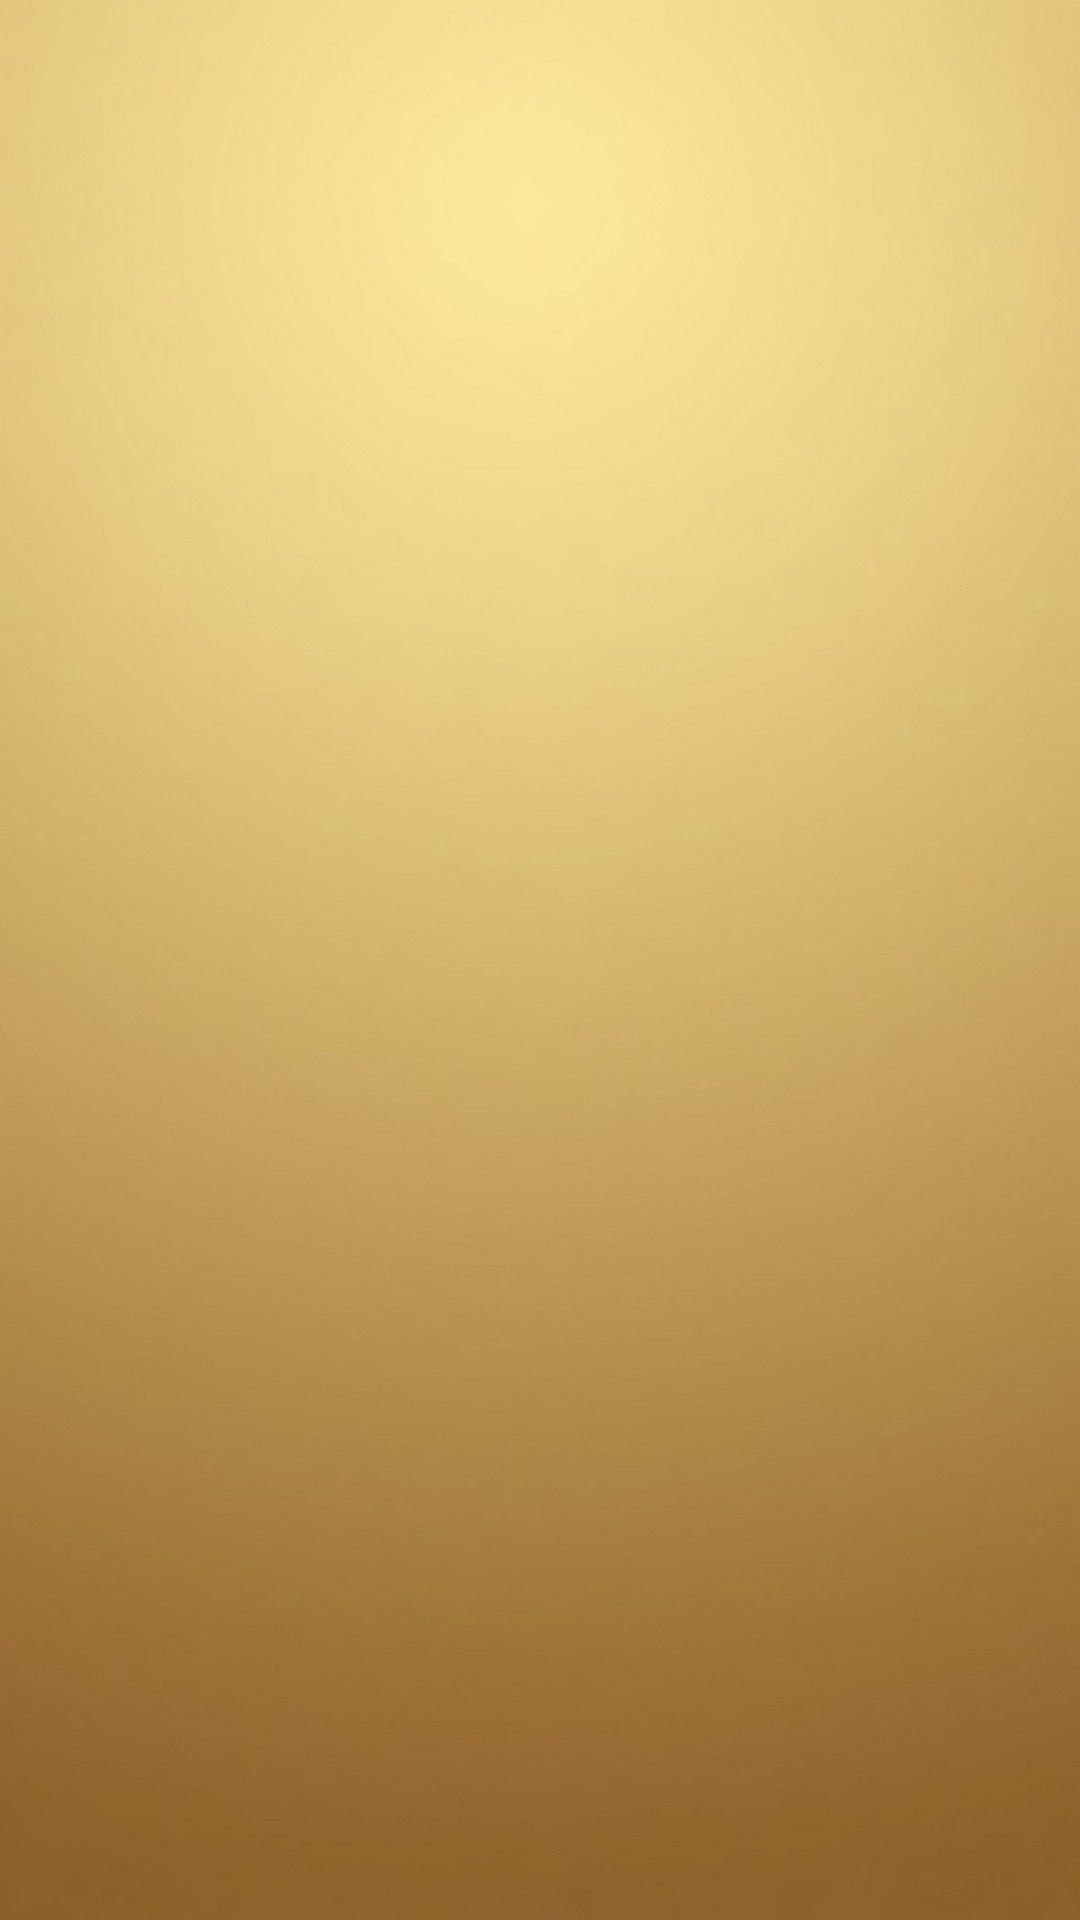 Gold Gradient Background : gradient, background, Stock, Gradient, IPhone, Wallpapers, WallpaperDog